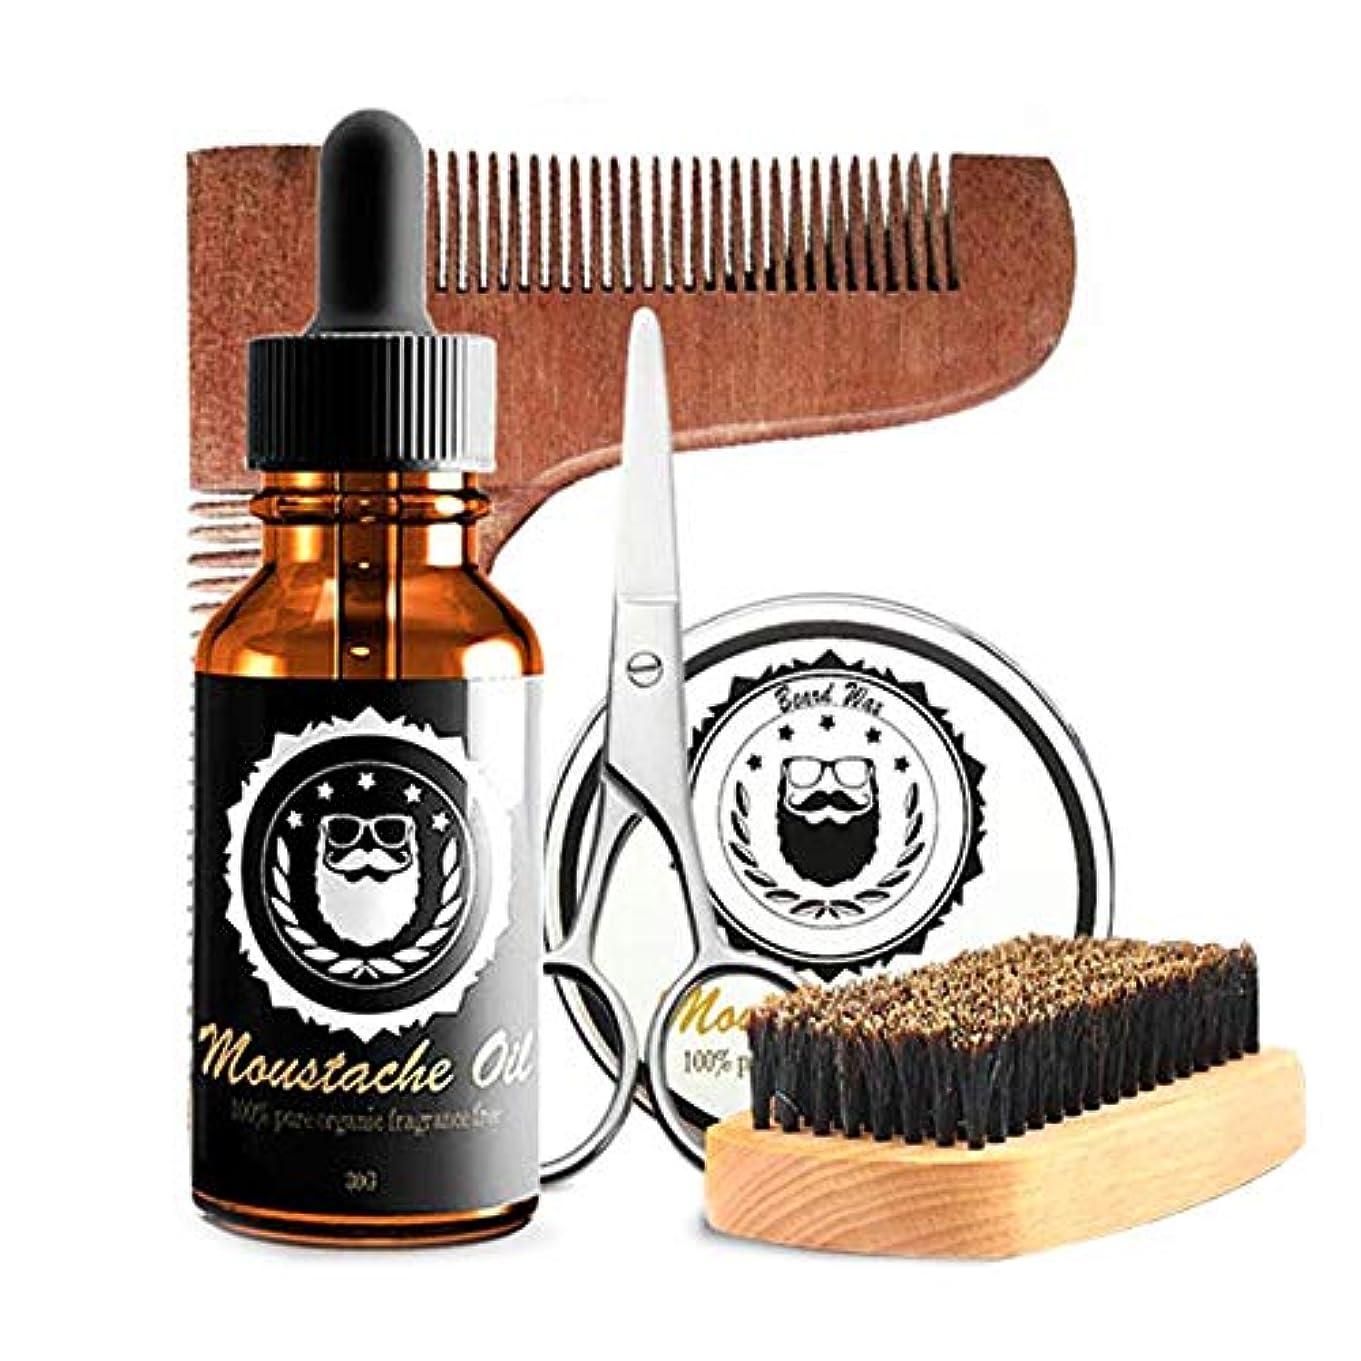 先駆者ブース含むひげの心配セット、人のためのオイル、ワックス、ブラシ、はさみが付いている良質のひげのキット